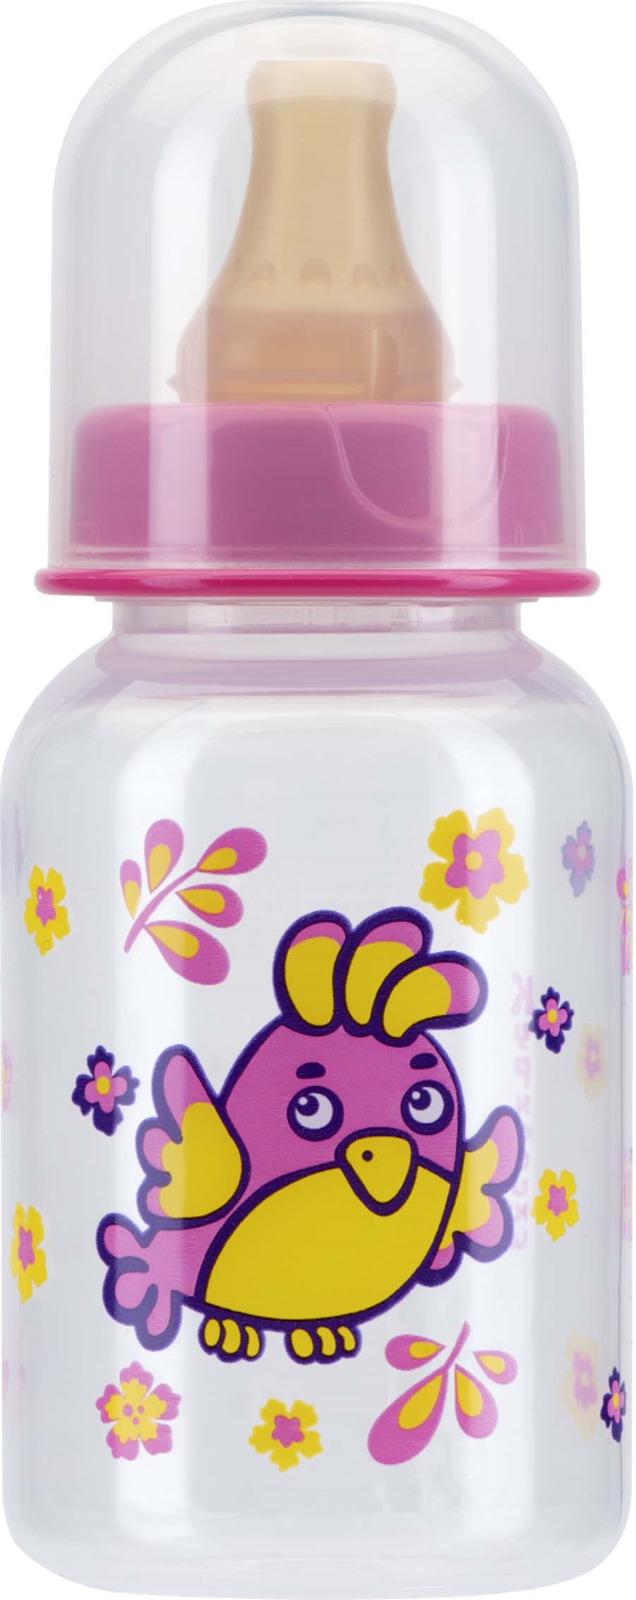 Бутылочка для кормления Курносики Мои любимые птички, с соской, 11144, 125 мл avent бутылочка для кормления 125 мл